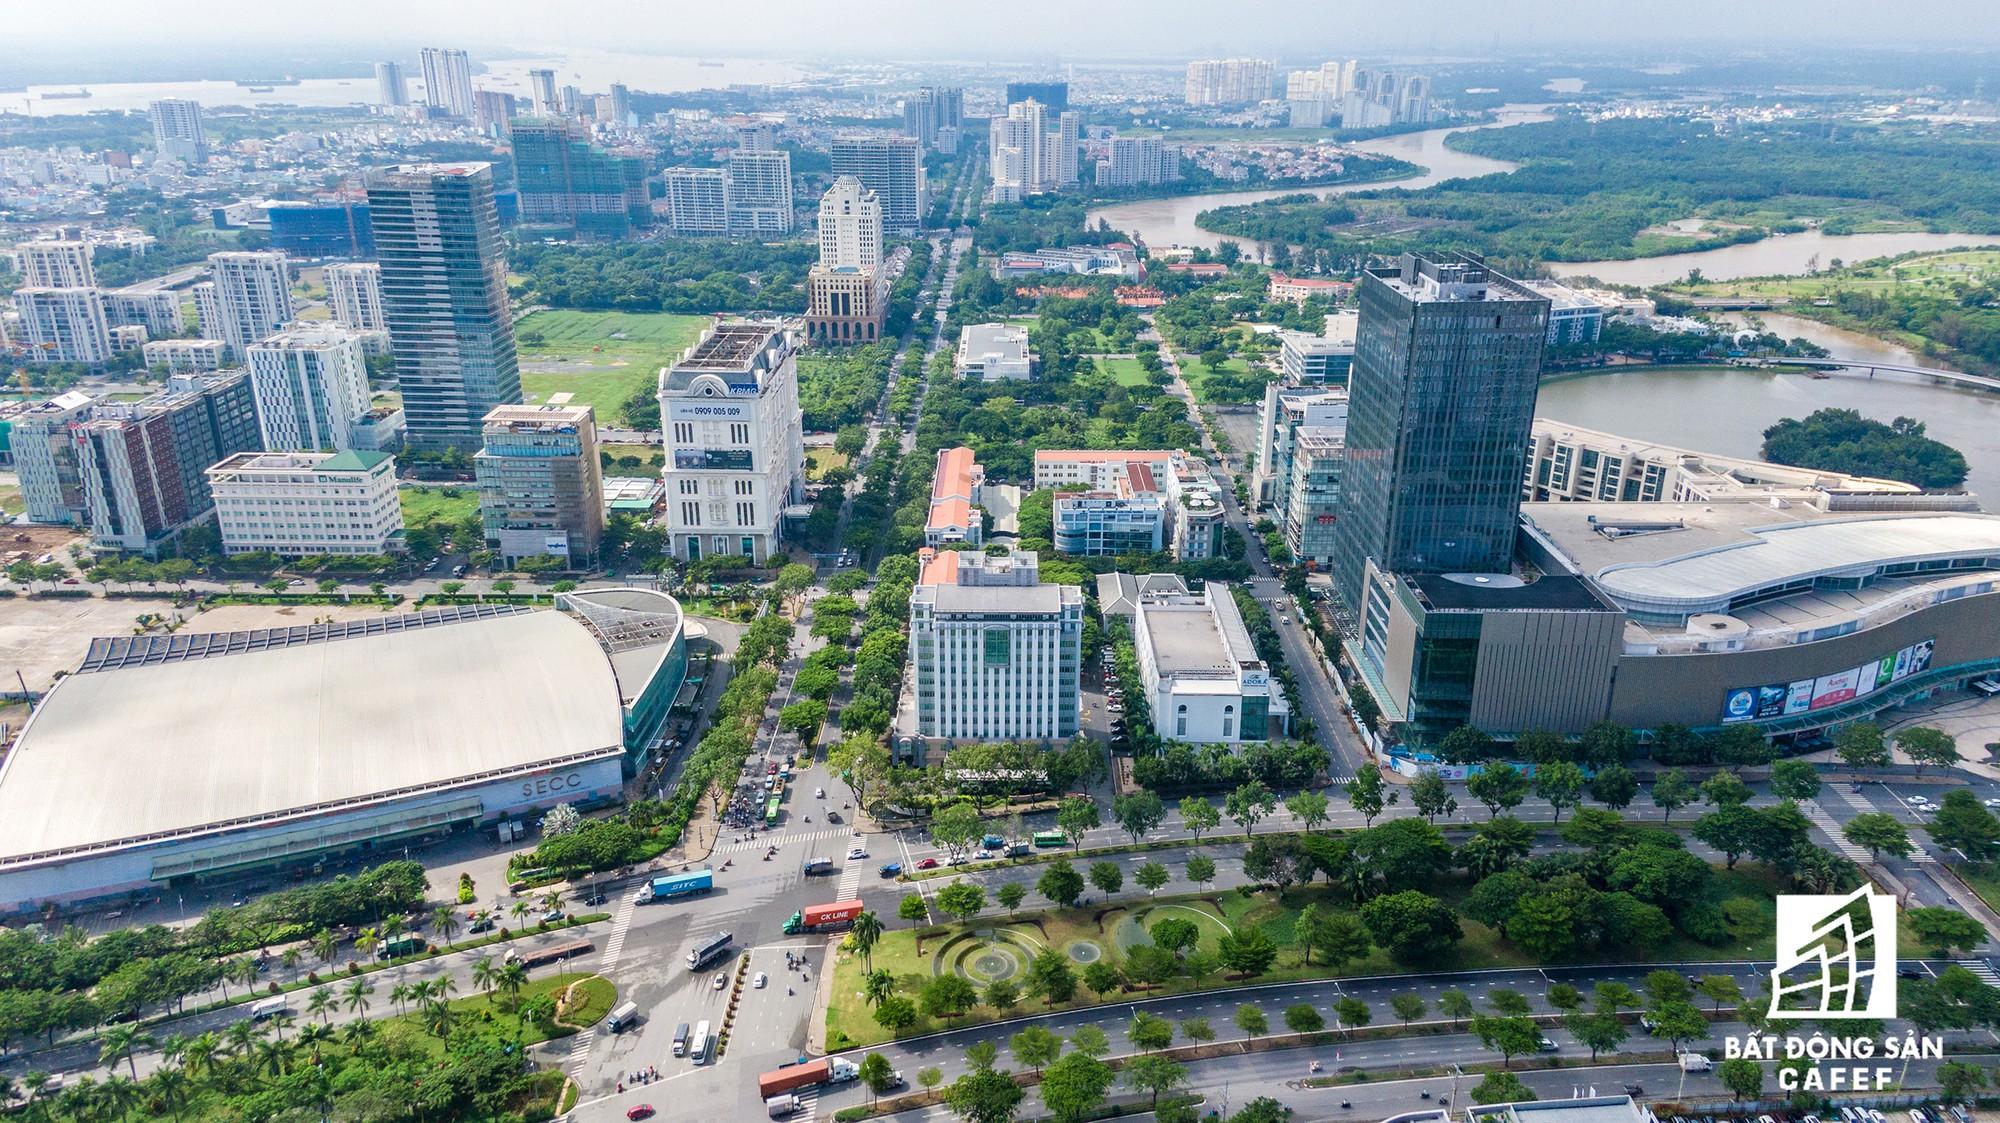 Có một trung tâm tài chính tại khu Nam Sài Gòn - Nơi giá nhà tăng chóng mặt - Ảnh 21.